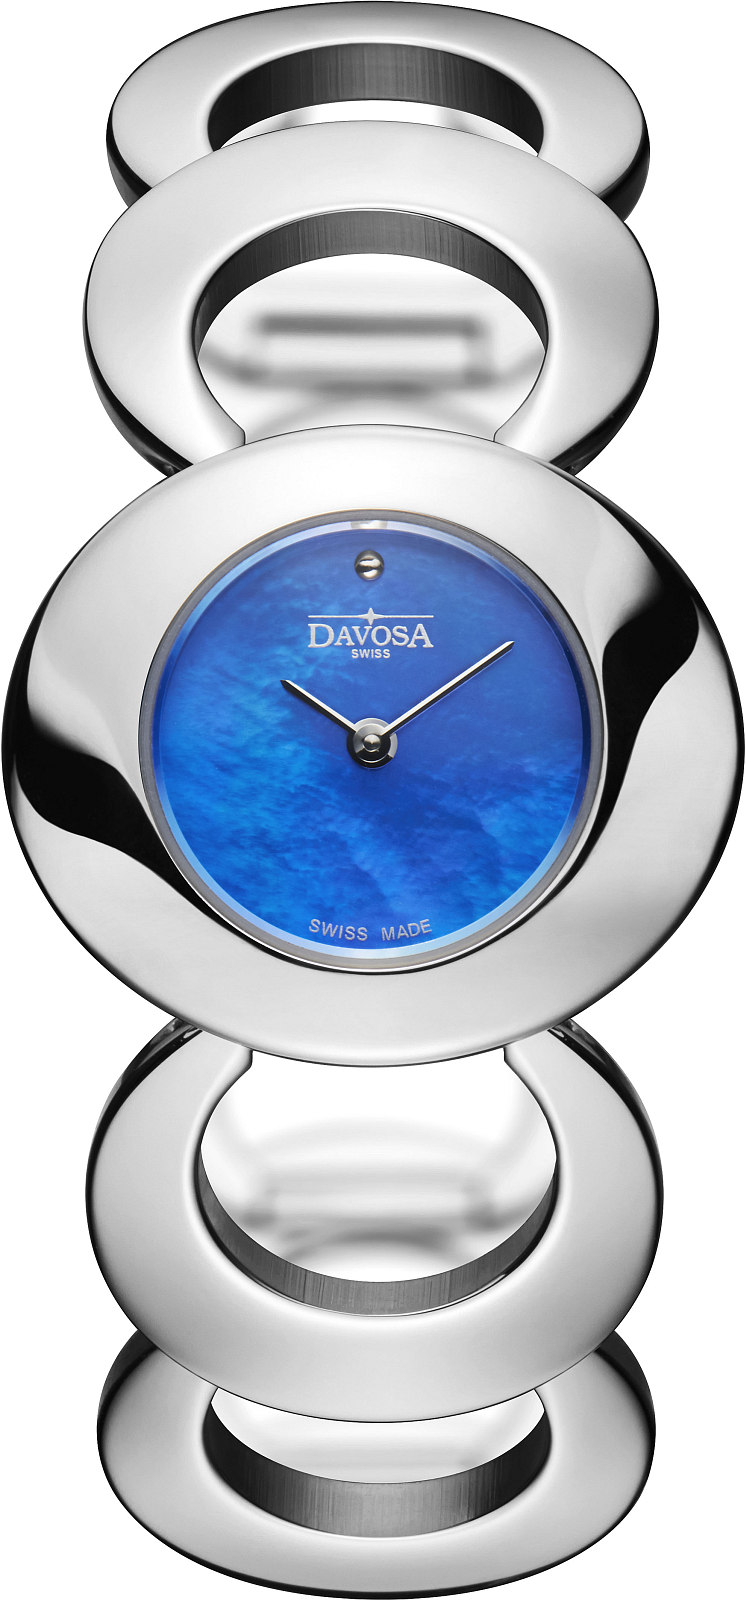 zegarek-damski-davosa-vintage-60s-168-570-45-4